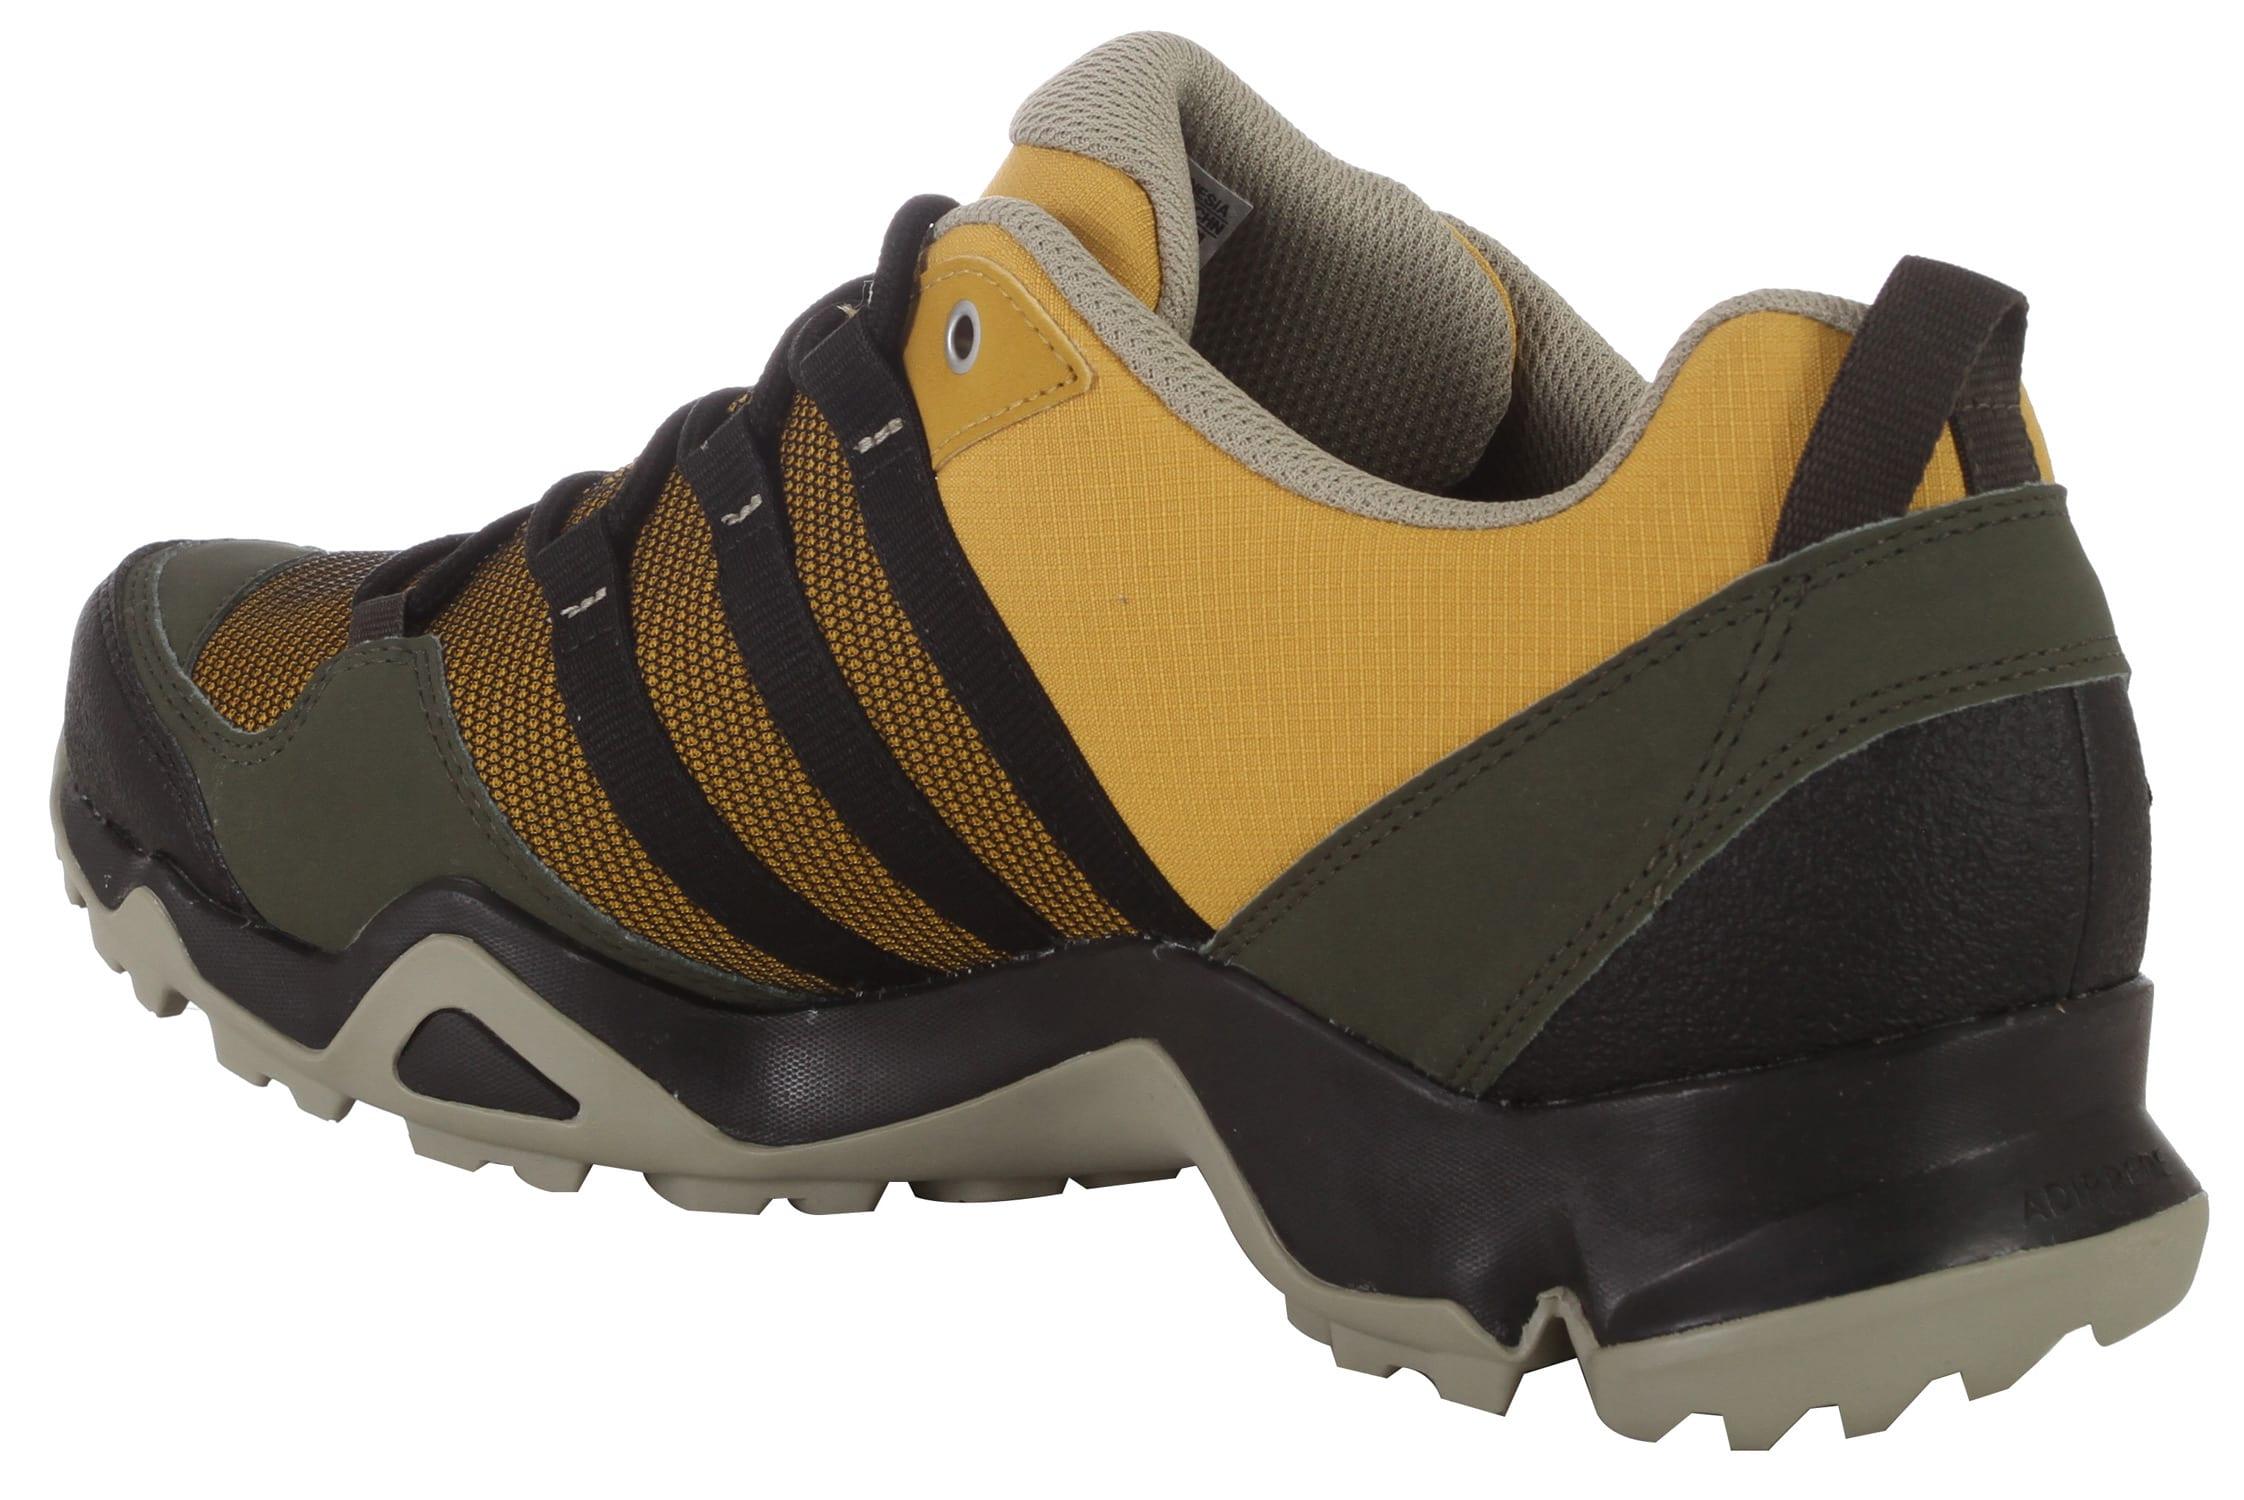 d3df2946f06300 Adidas AX2 GTX Hiking Shoes - thumbnail 3